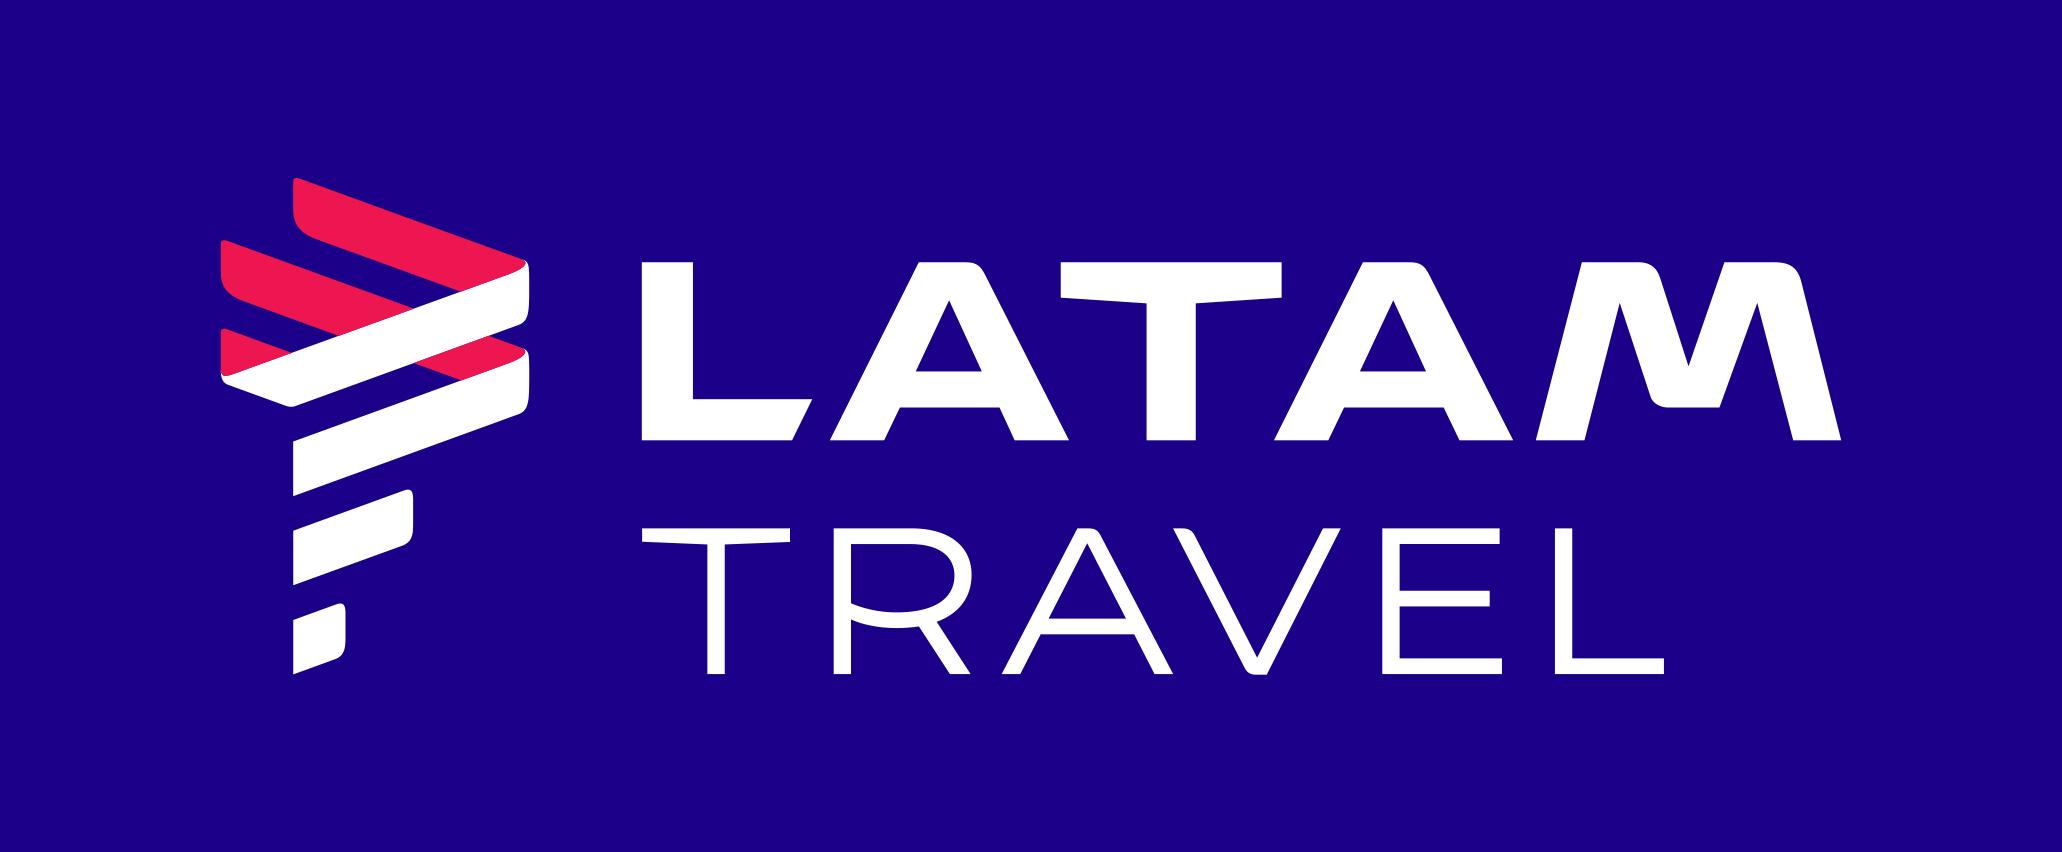 LATAM Travel negativo RGB